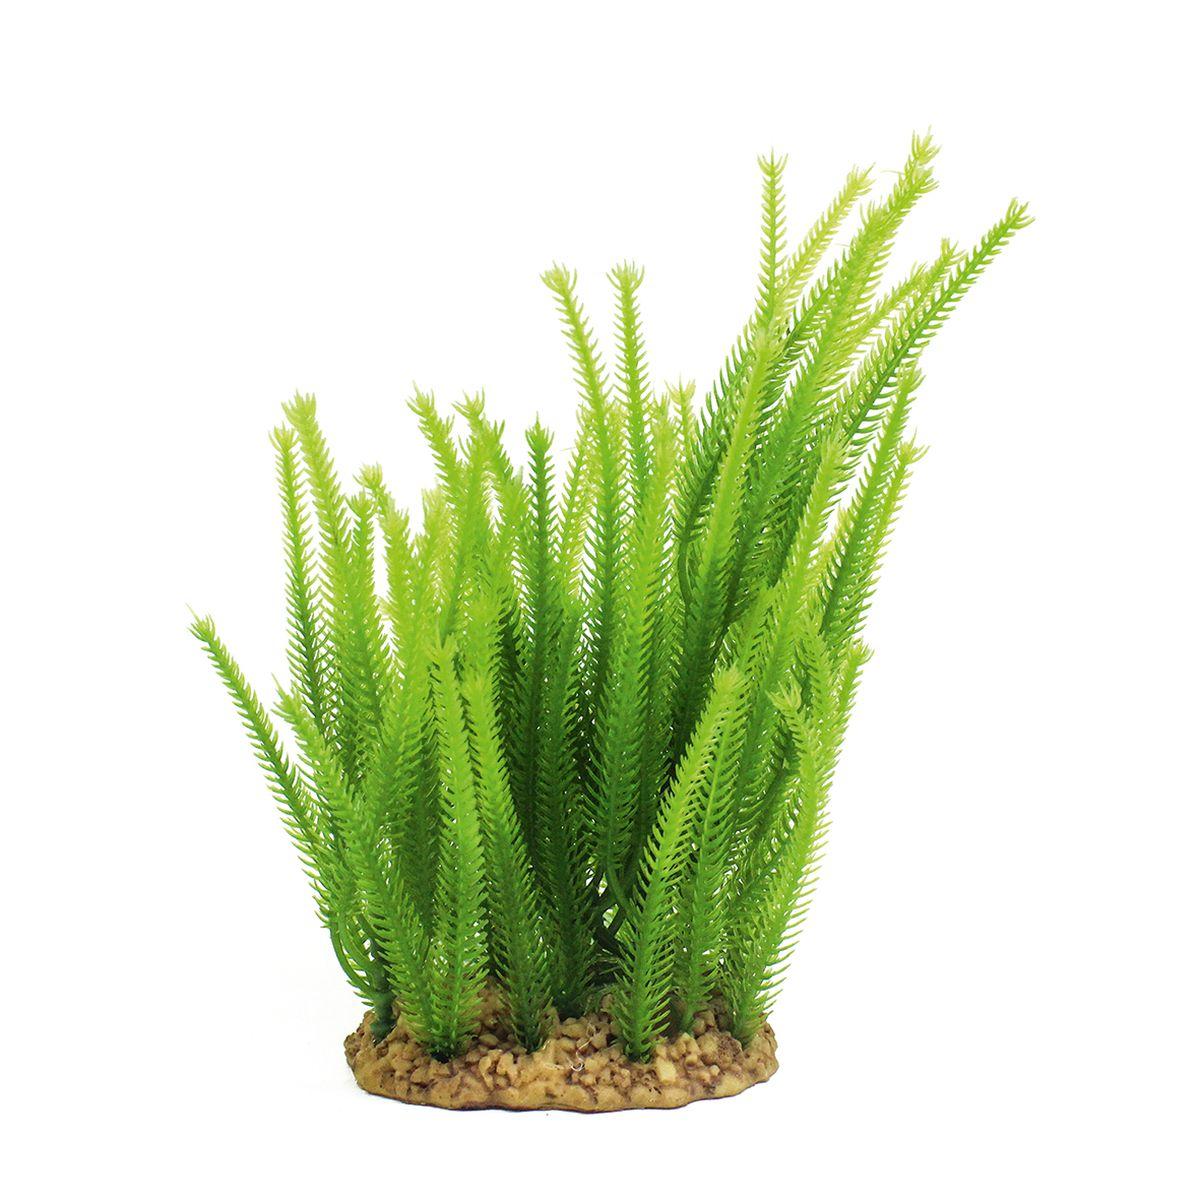 Растение для аквариума ArtUniq Майяка, высота 20 см0120710Композиция из искусственных растений ArtUniq превосходно украсит и оживит аквариум.Растения - это важная часть любой композиции, они помогут вдохнуть жизнь в ландшафт любого аквариума или террариума. Лучше всего это сделают яркие и сочные цвета искусственных растений серии ArtPlants. А их сходствос природными порадует даже самых взыскательных ценителей.